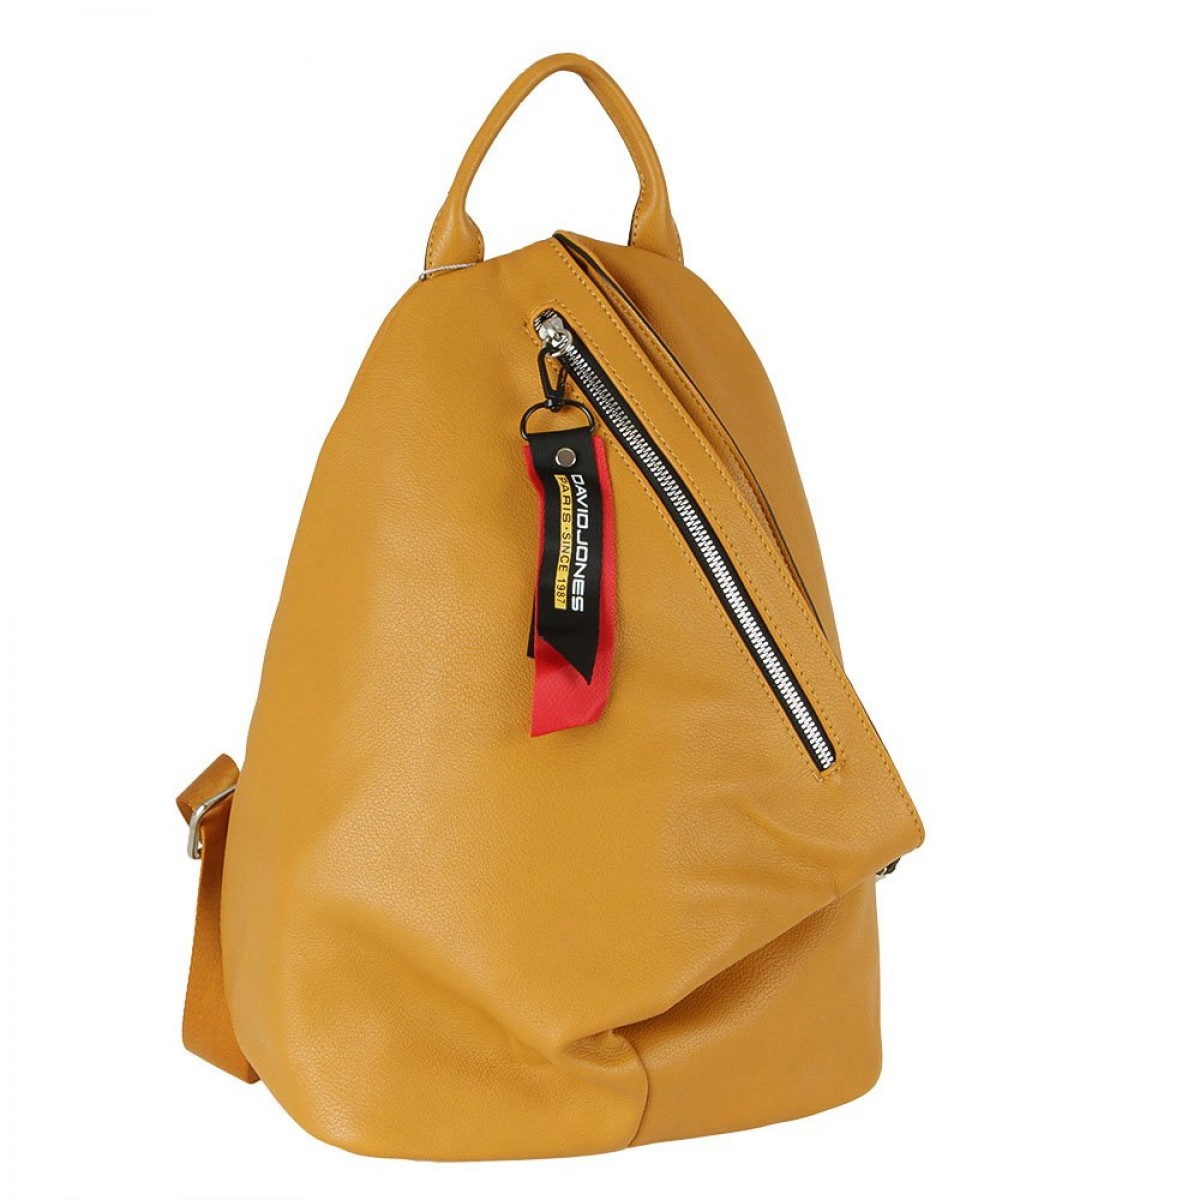 Жіночий рюкзак David Jones CM5888 YELLOW